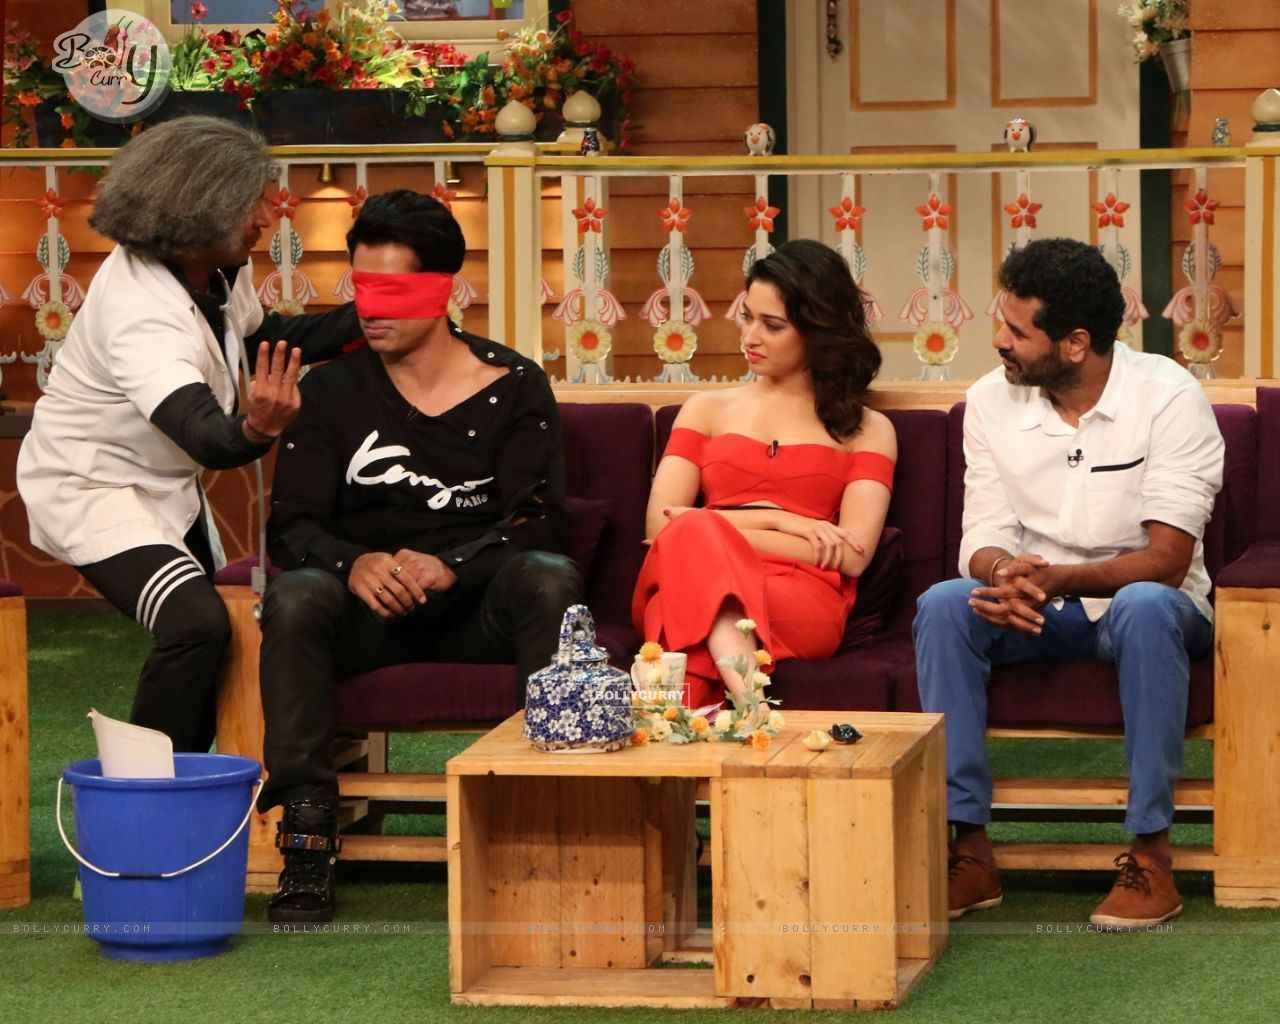 Celebs at Promotion of 'Tutak Tutak Tutiya' on sets of The Kapil Sharma Show (421064) size:1280x1024